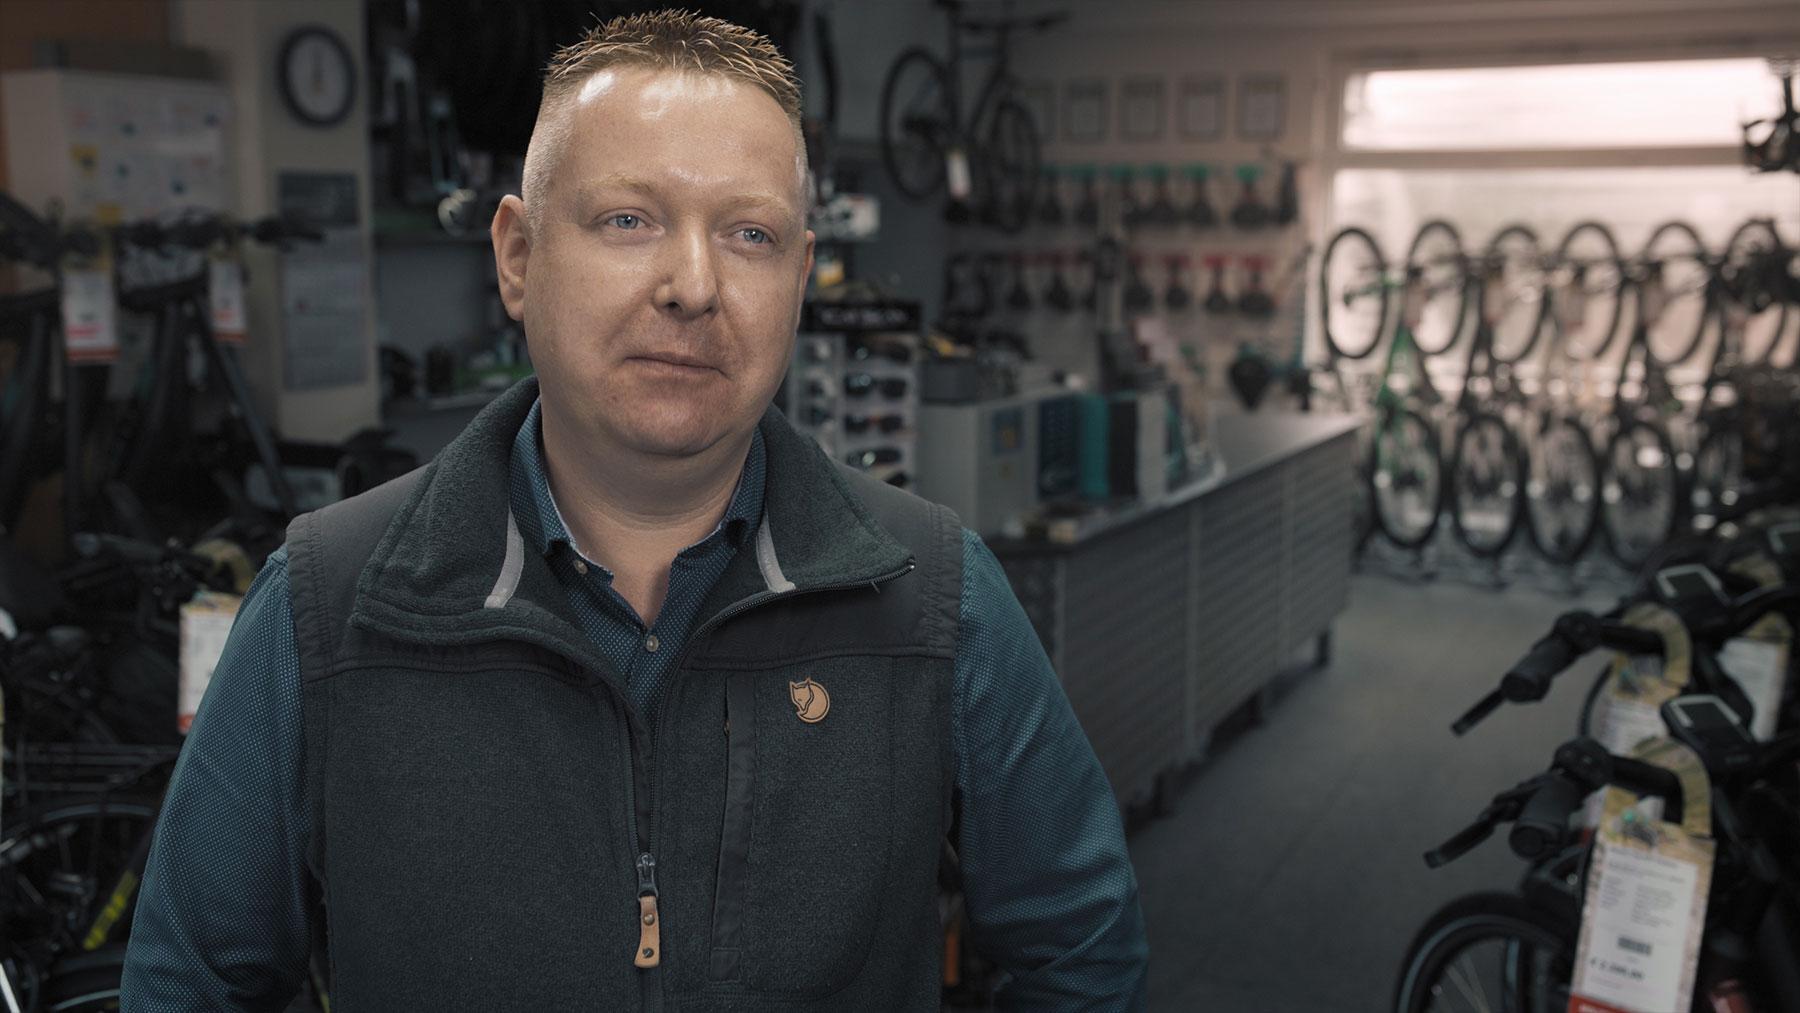 Stefan Molitor von Molitor's Bike Shop über die Werbeagentur in Wittlich an der Mosel